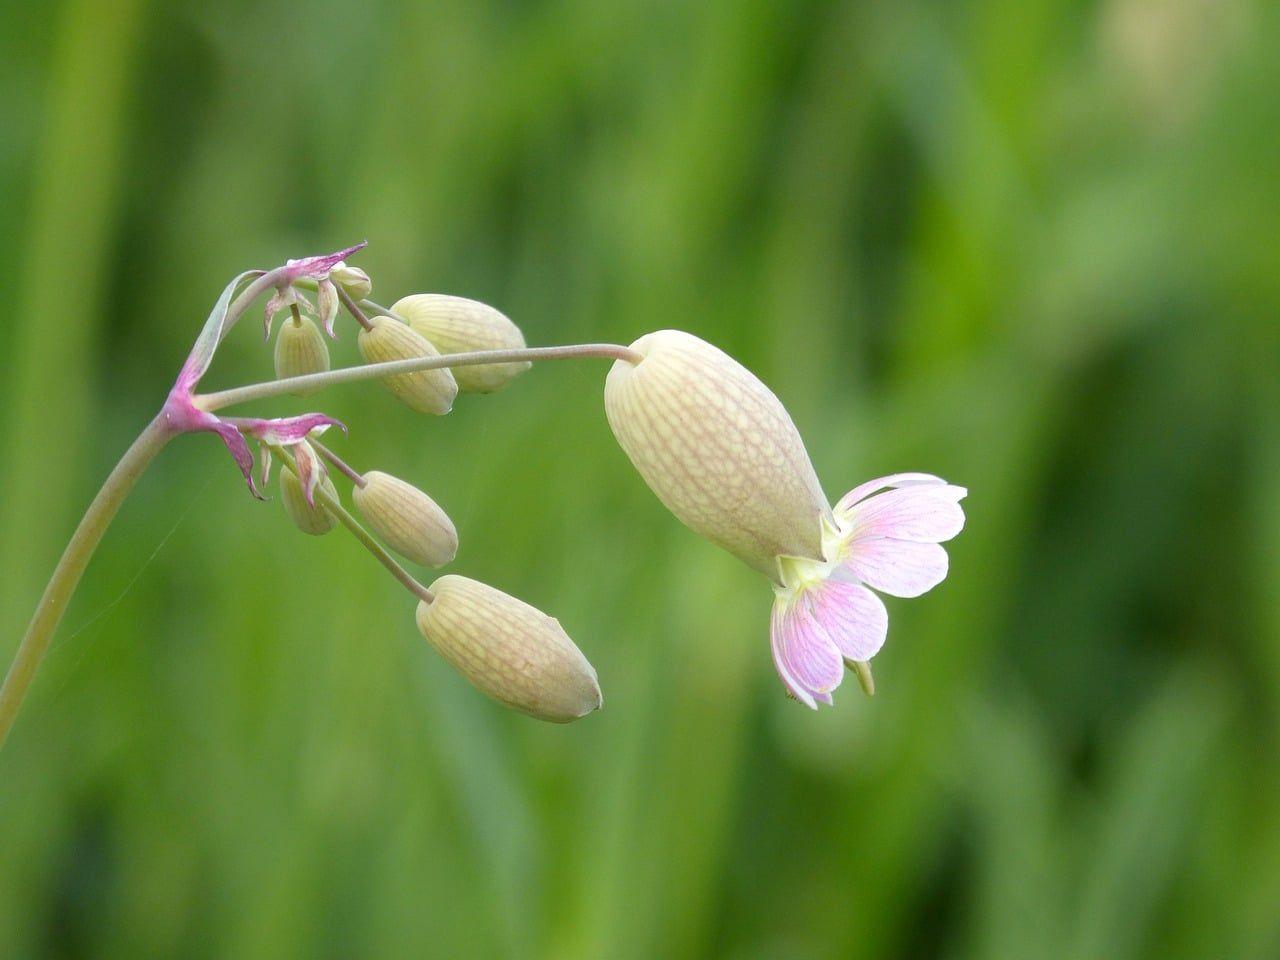 bladder campion 5034810 1280 - Conocimiento y defensa de la Biodiversidad